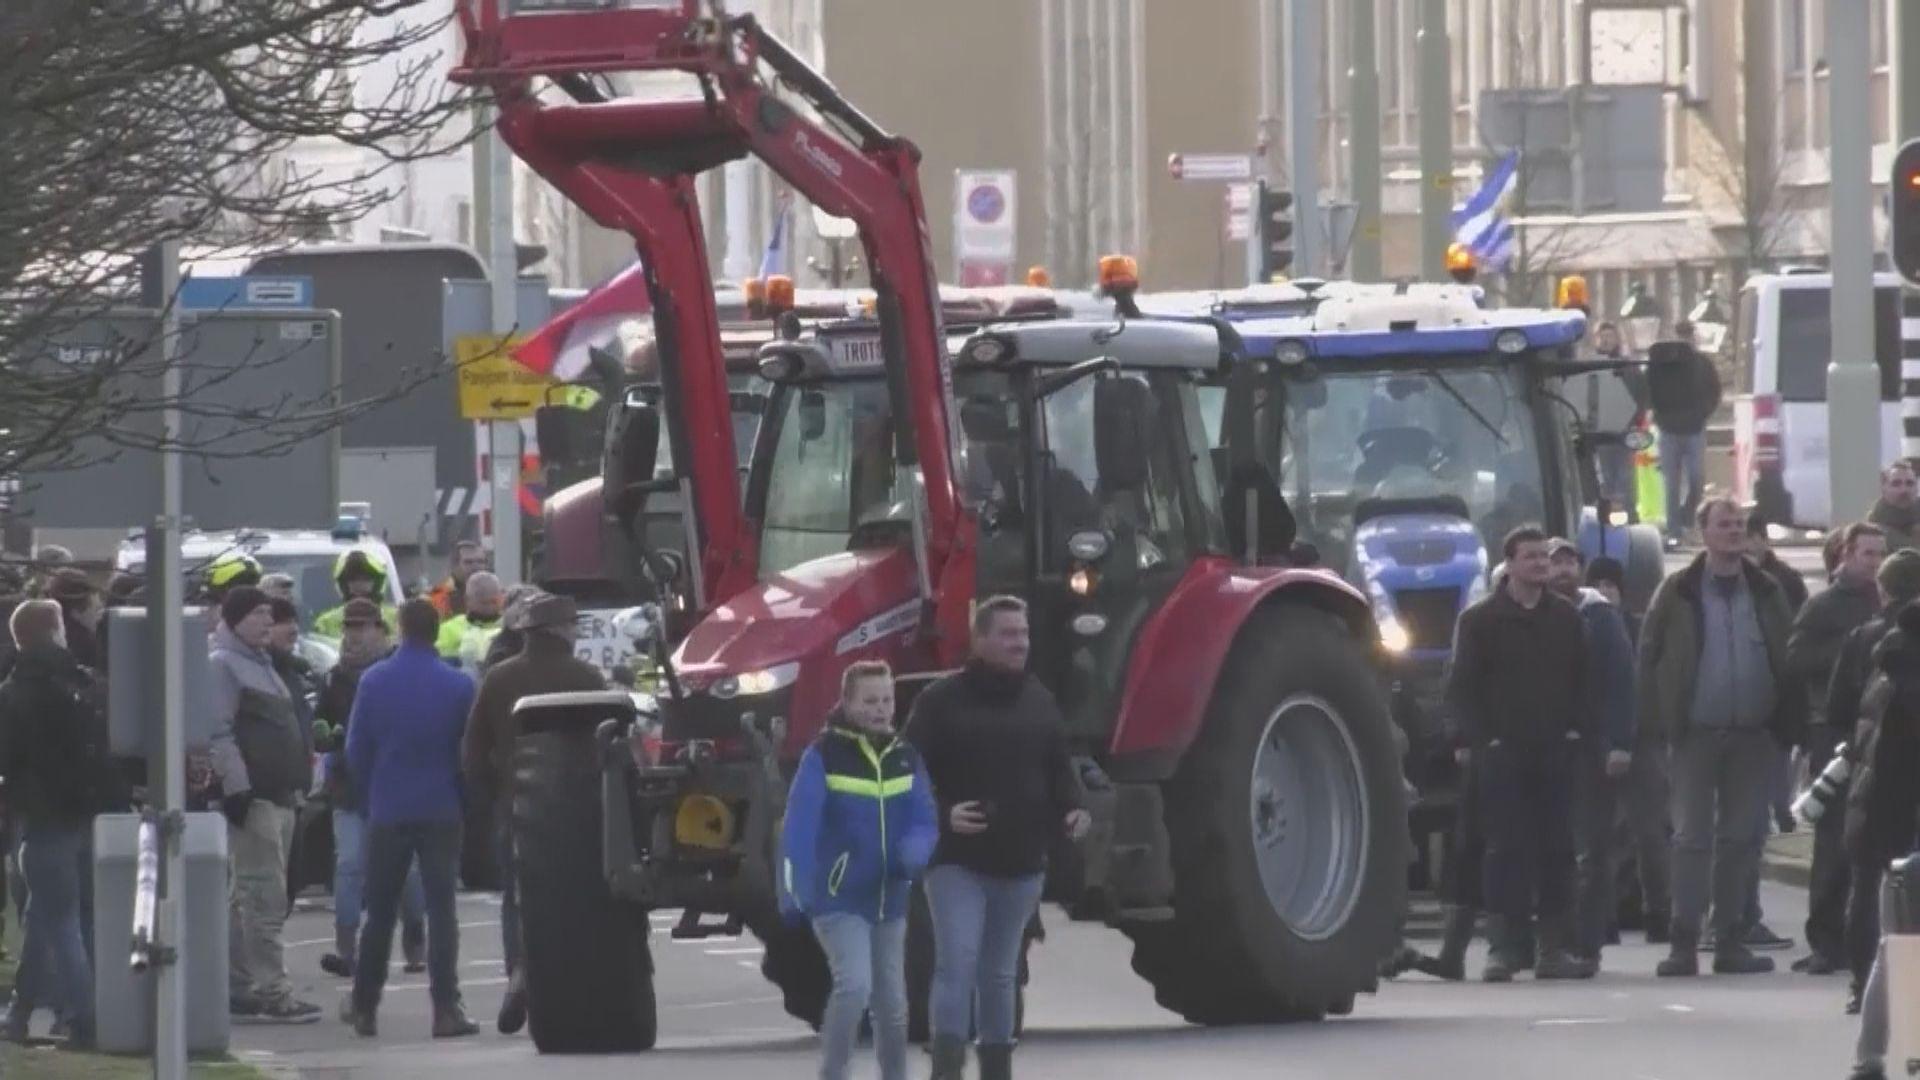 【環球薈報】荷蘭農夫抗議政府要求畜牧業減排